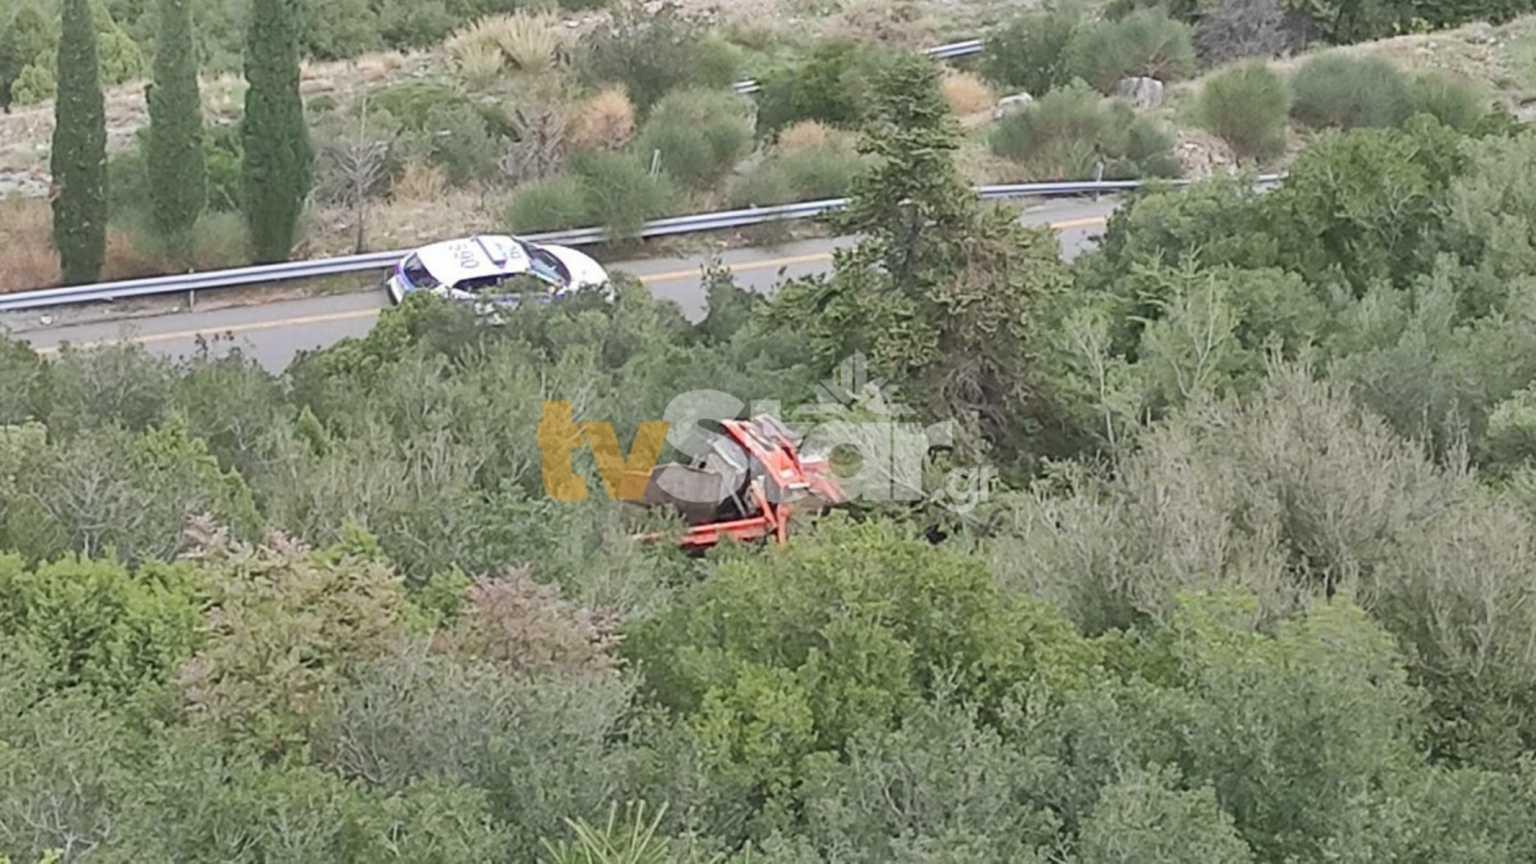 Λιβαδειά: Αυτοκίνητο έπεσε σε γκρεμό 60 μέτρων – Ένας νεκρός και ένας τραυματίας